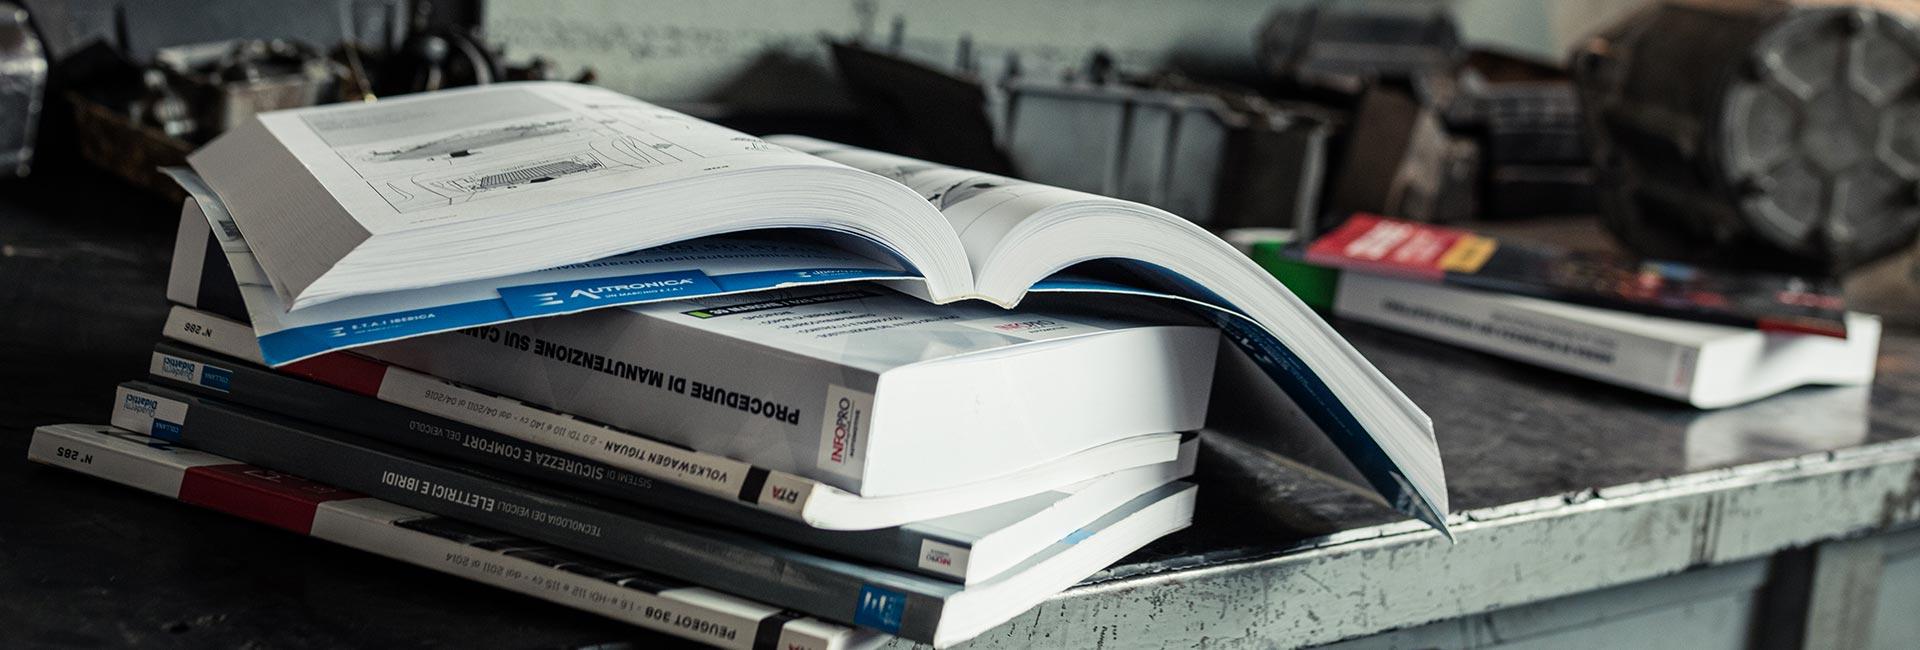 Manuali d'officina per i professionisti della riparazione